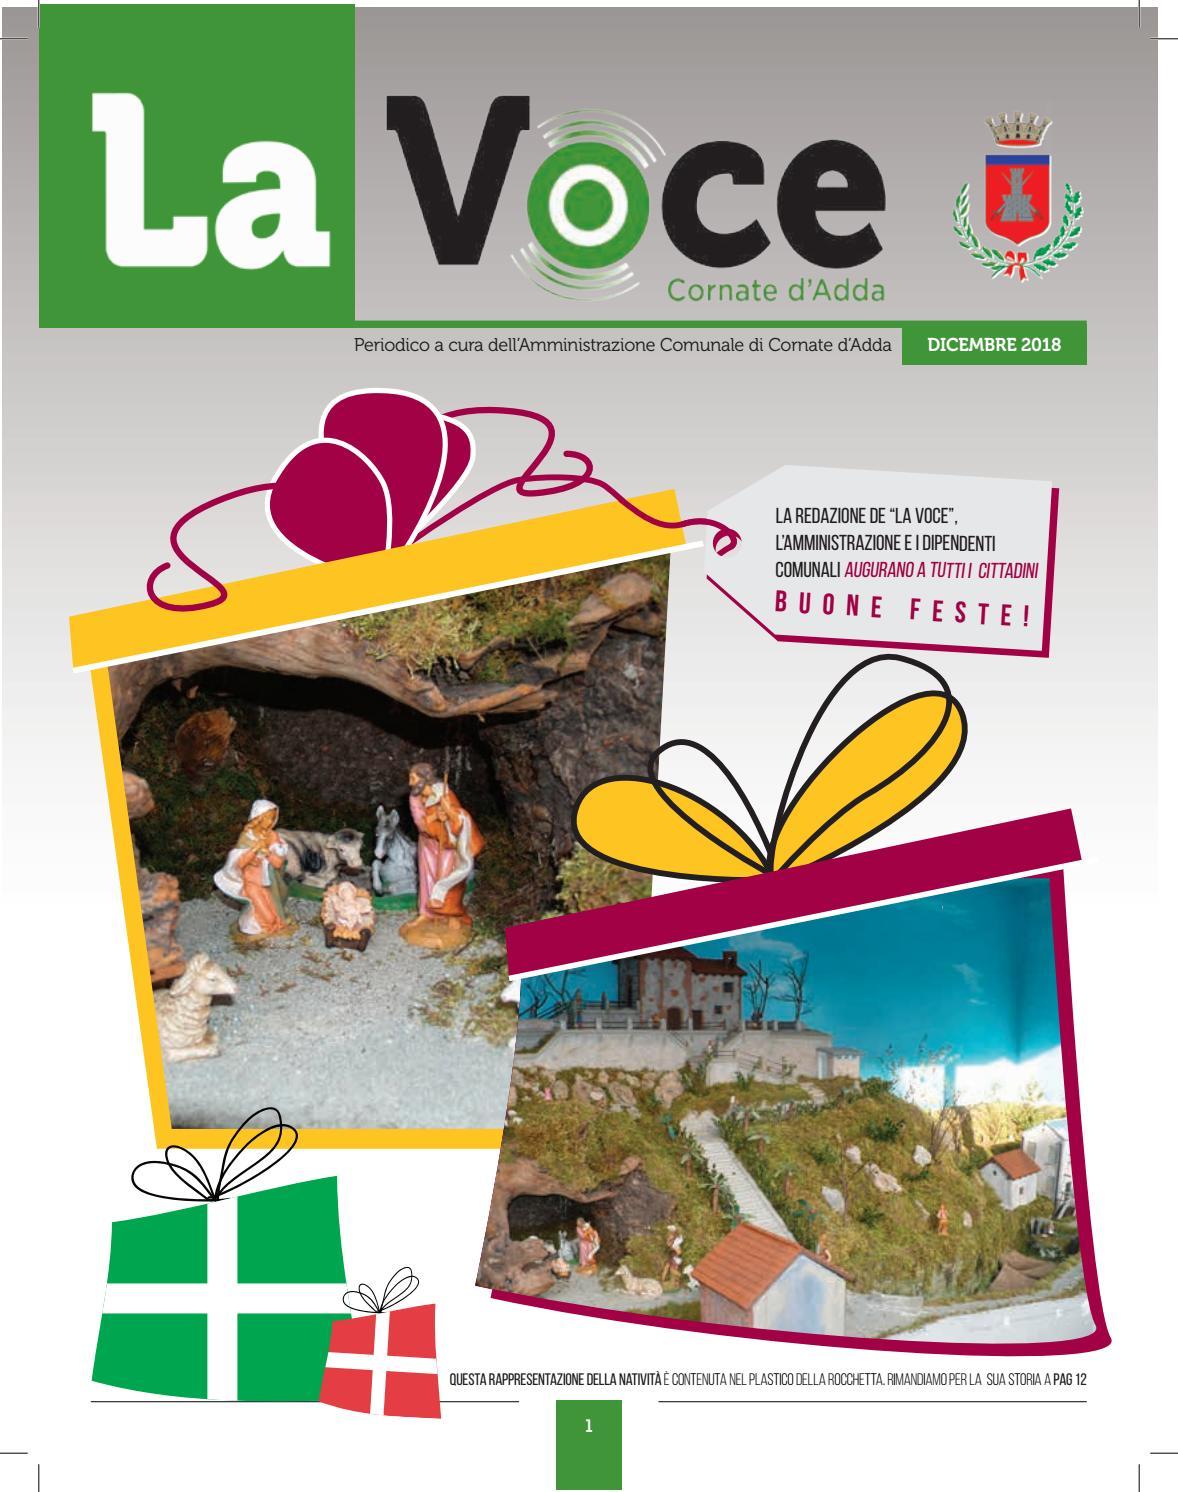 La Voce di Cornate d Adda - Dicembre 2018 by Comune di Cornate d Adda -  issuu c9155e074c3